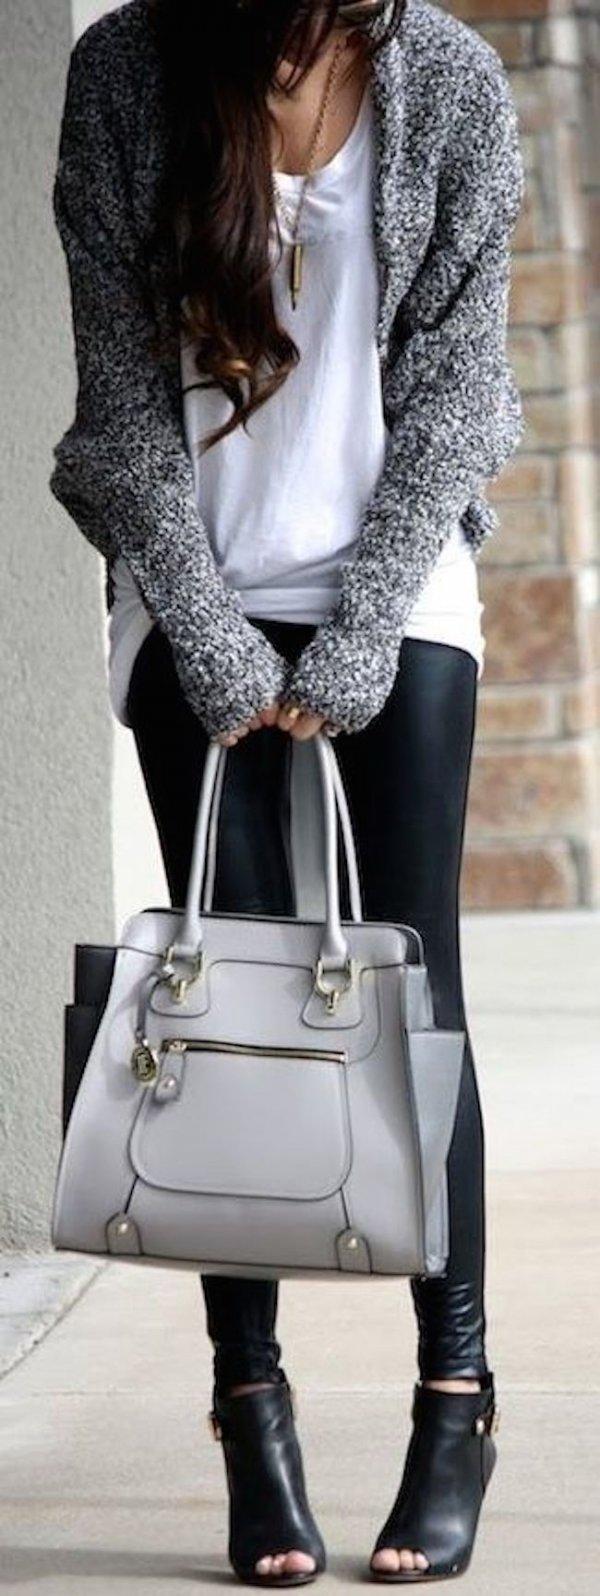 clothing,footwear,fashion,outerwear,handbag,